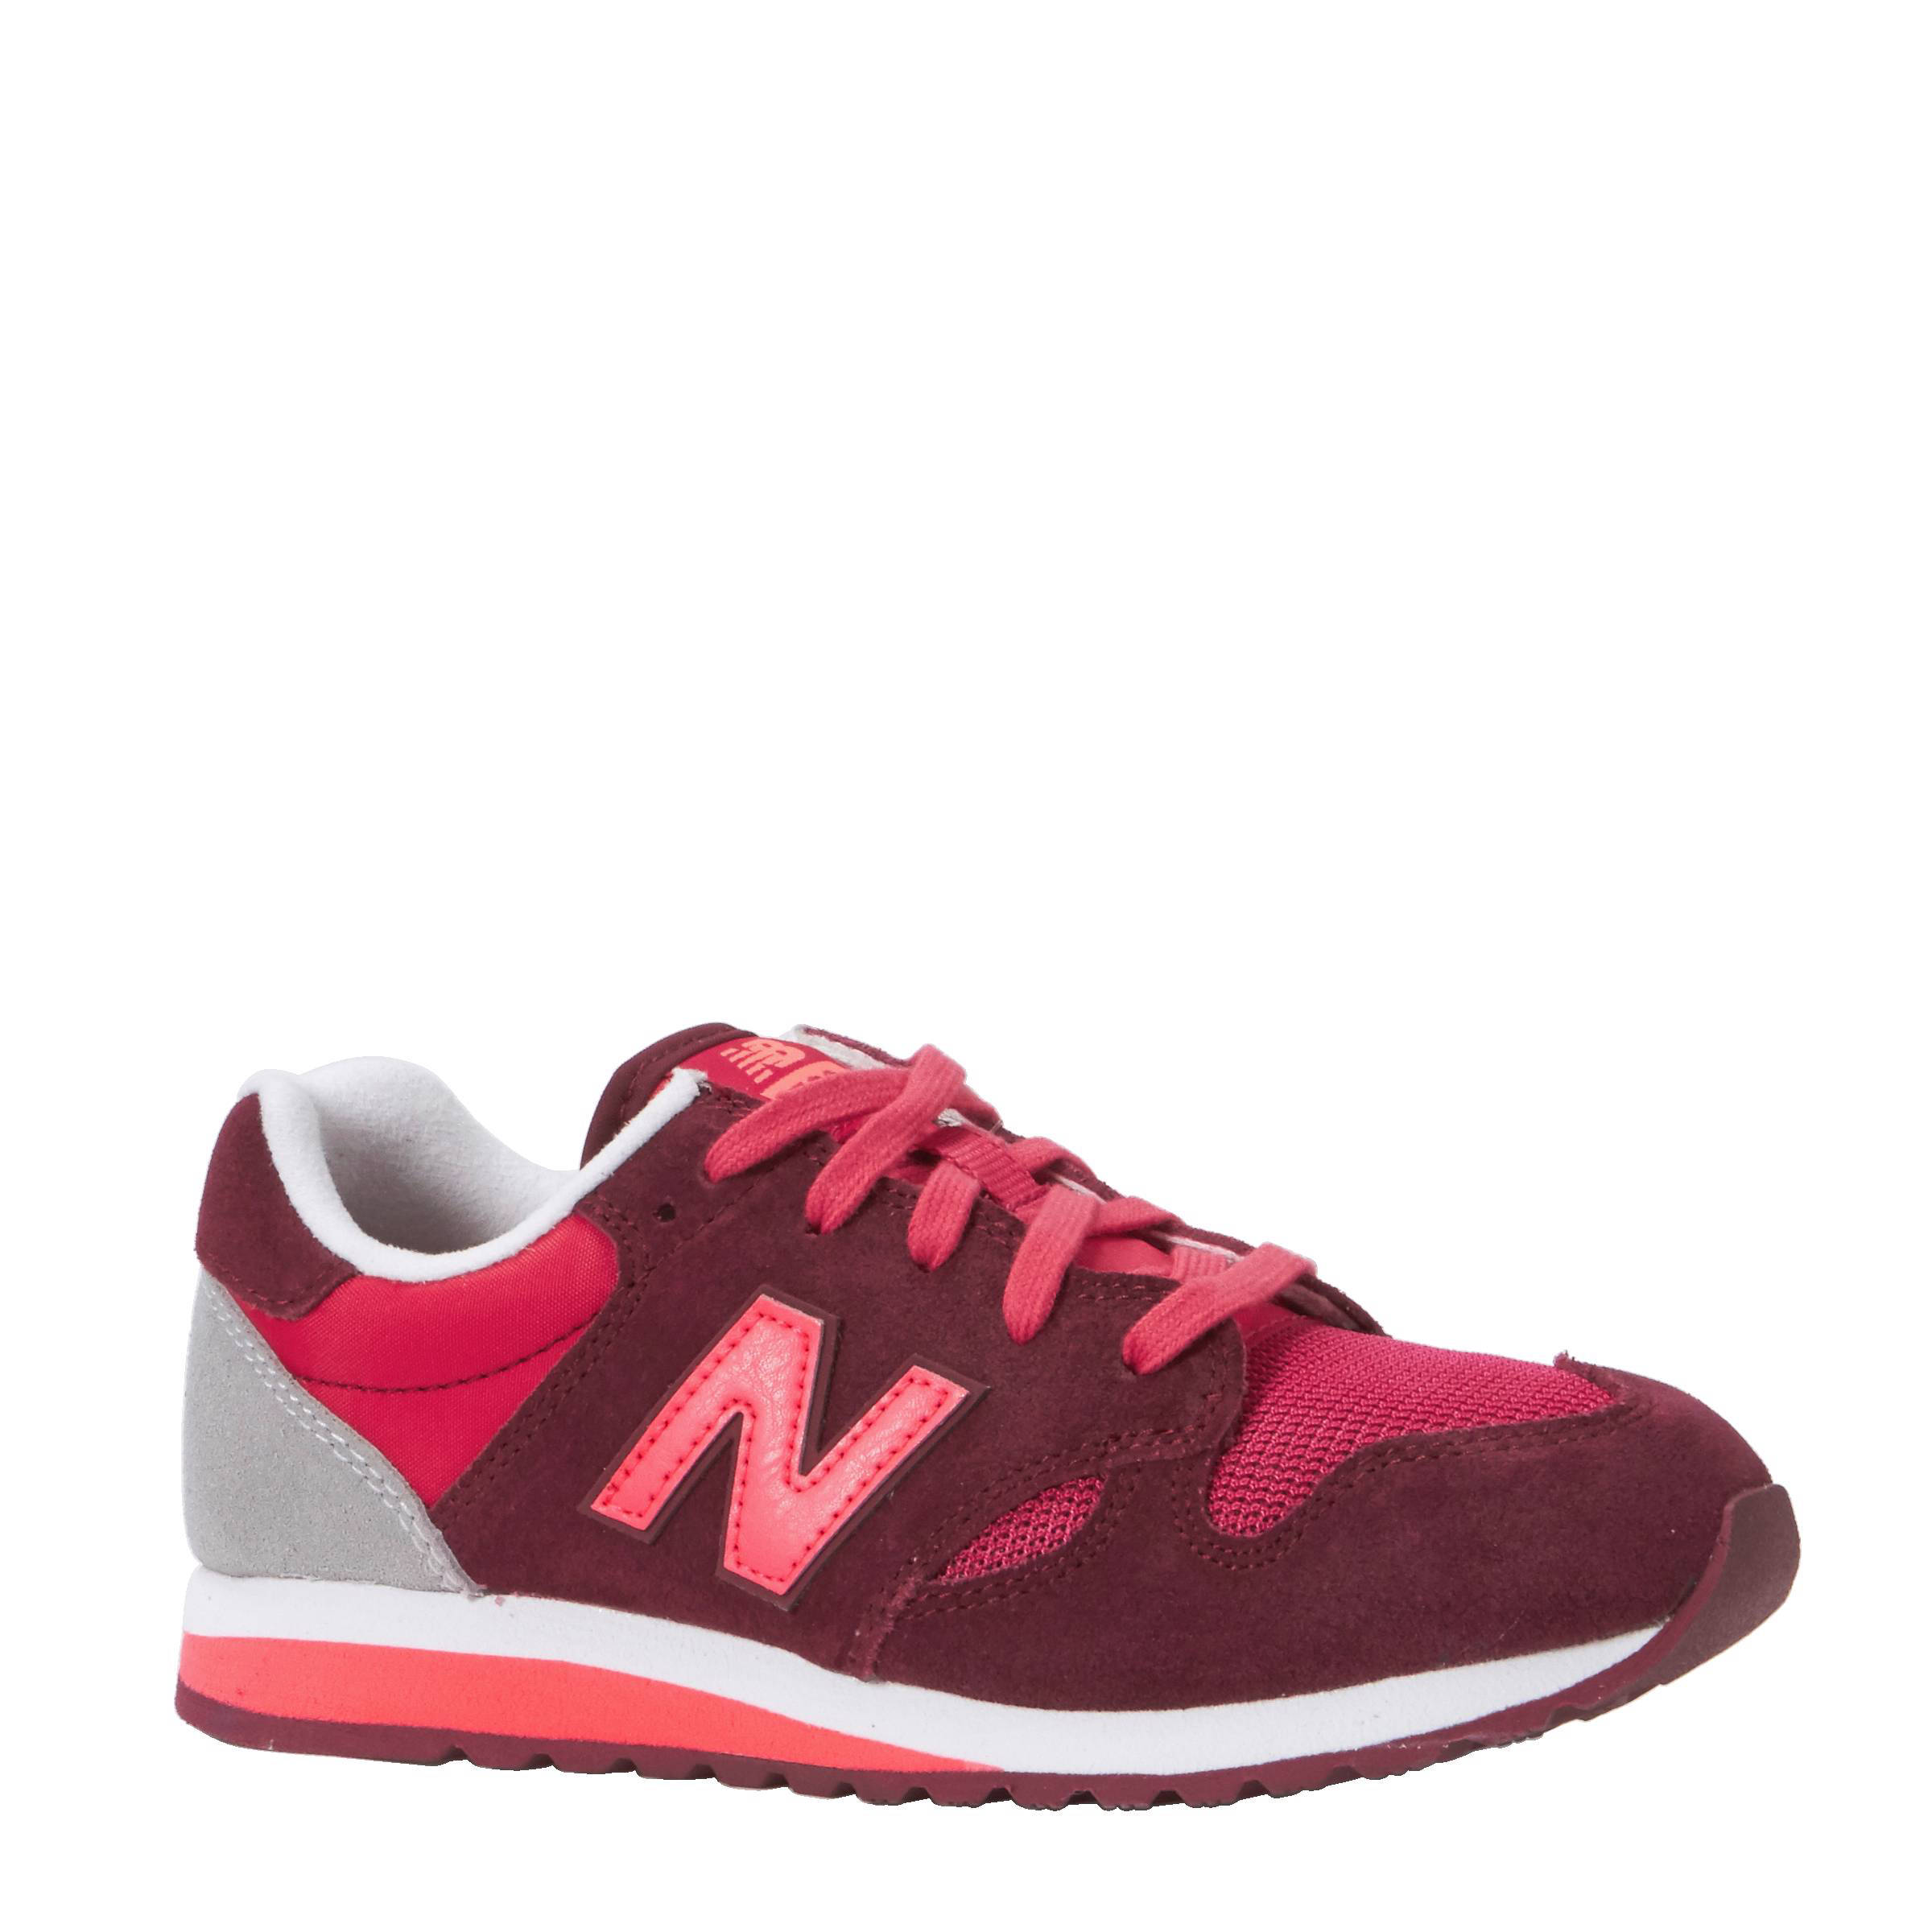 welke maat new balance schoenen